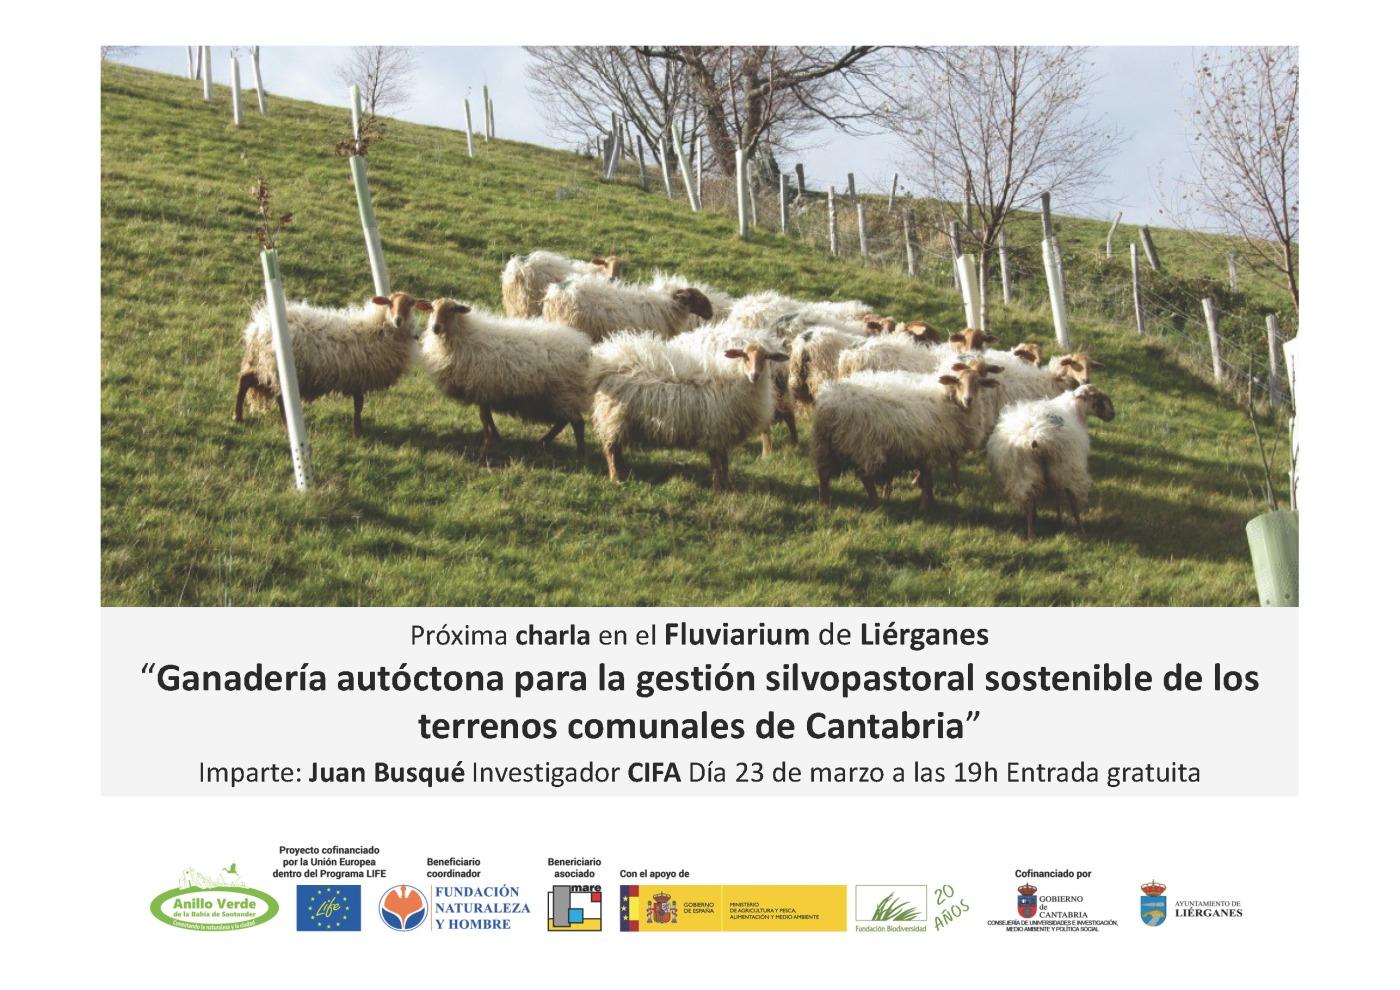 Charla Ganadería autóctona para la gestión silvopastoral sostenible de los terrenos comunales de Cantabria. Ecomuseo Fluviriaum el 23 marzo 2018 a 19 horas.